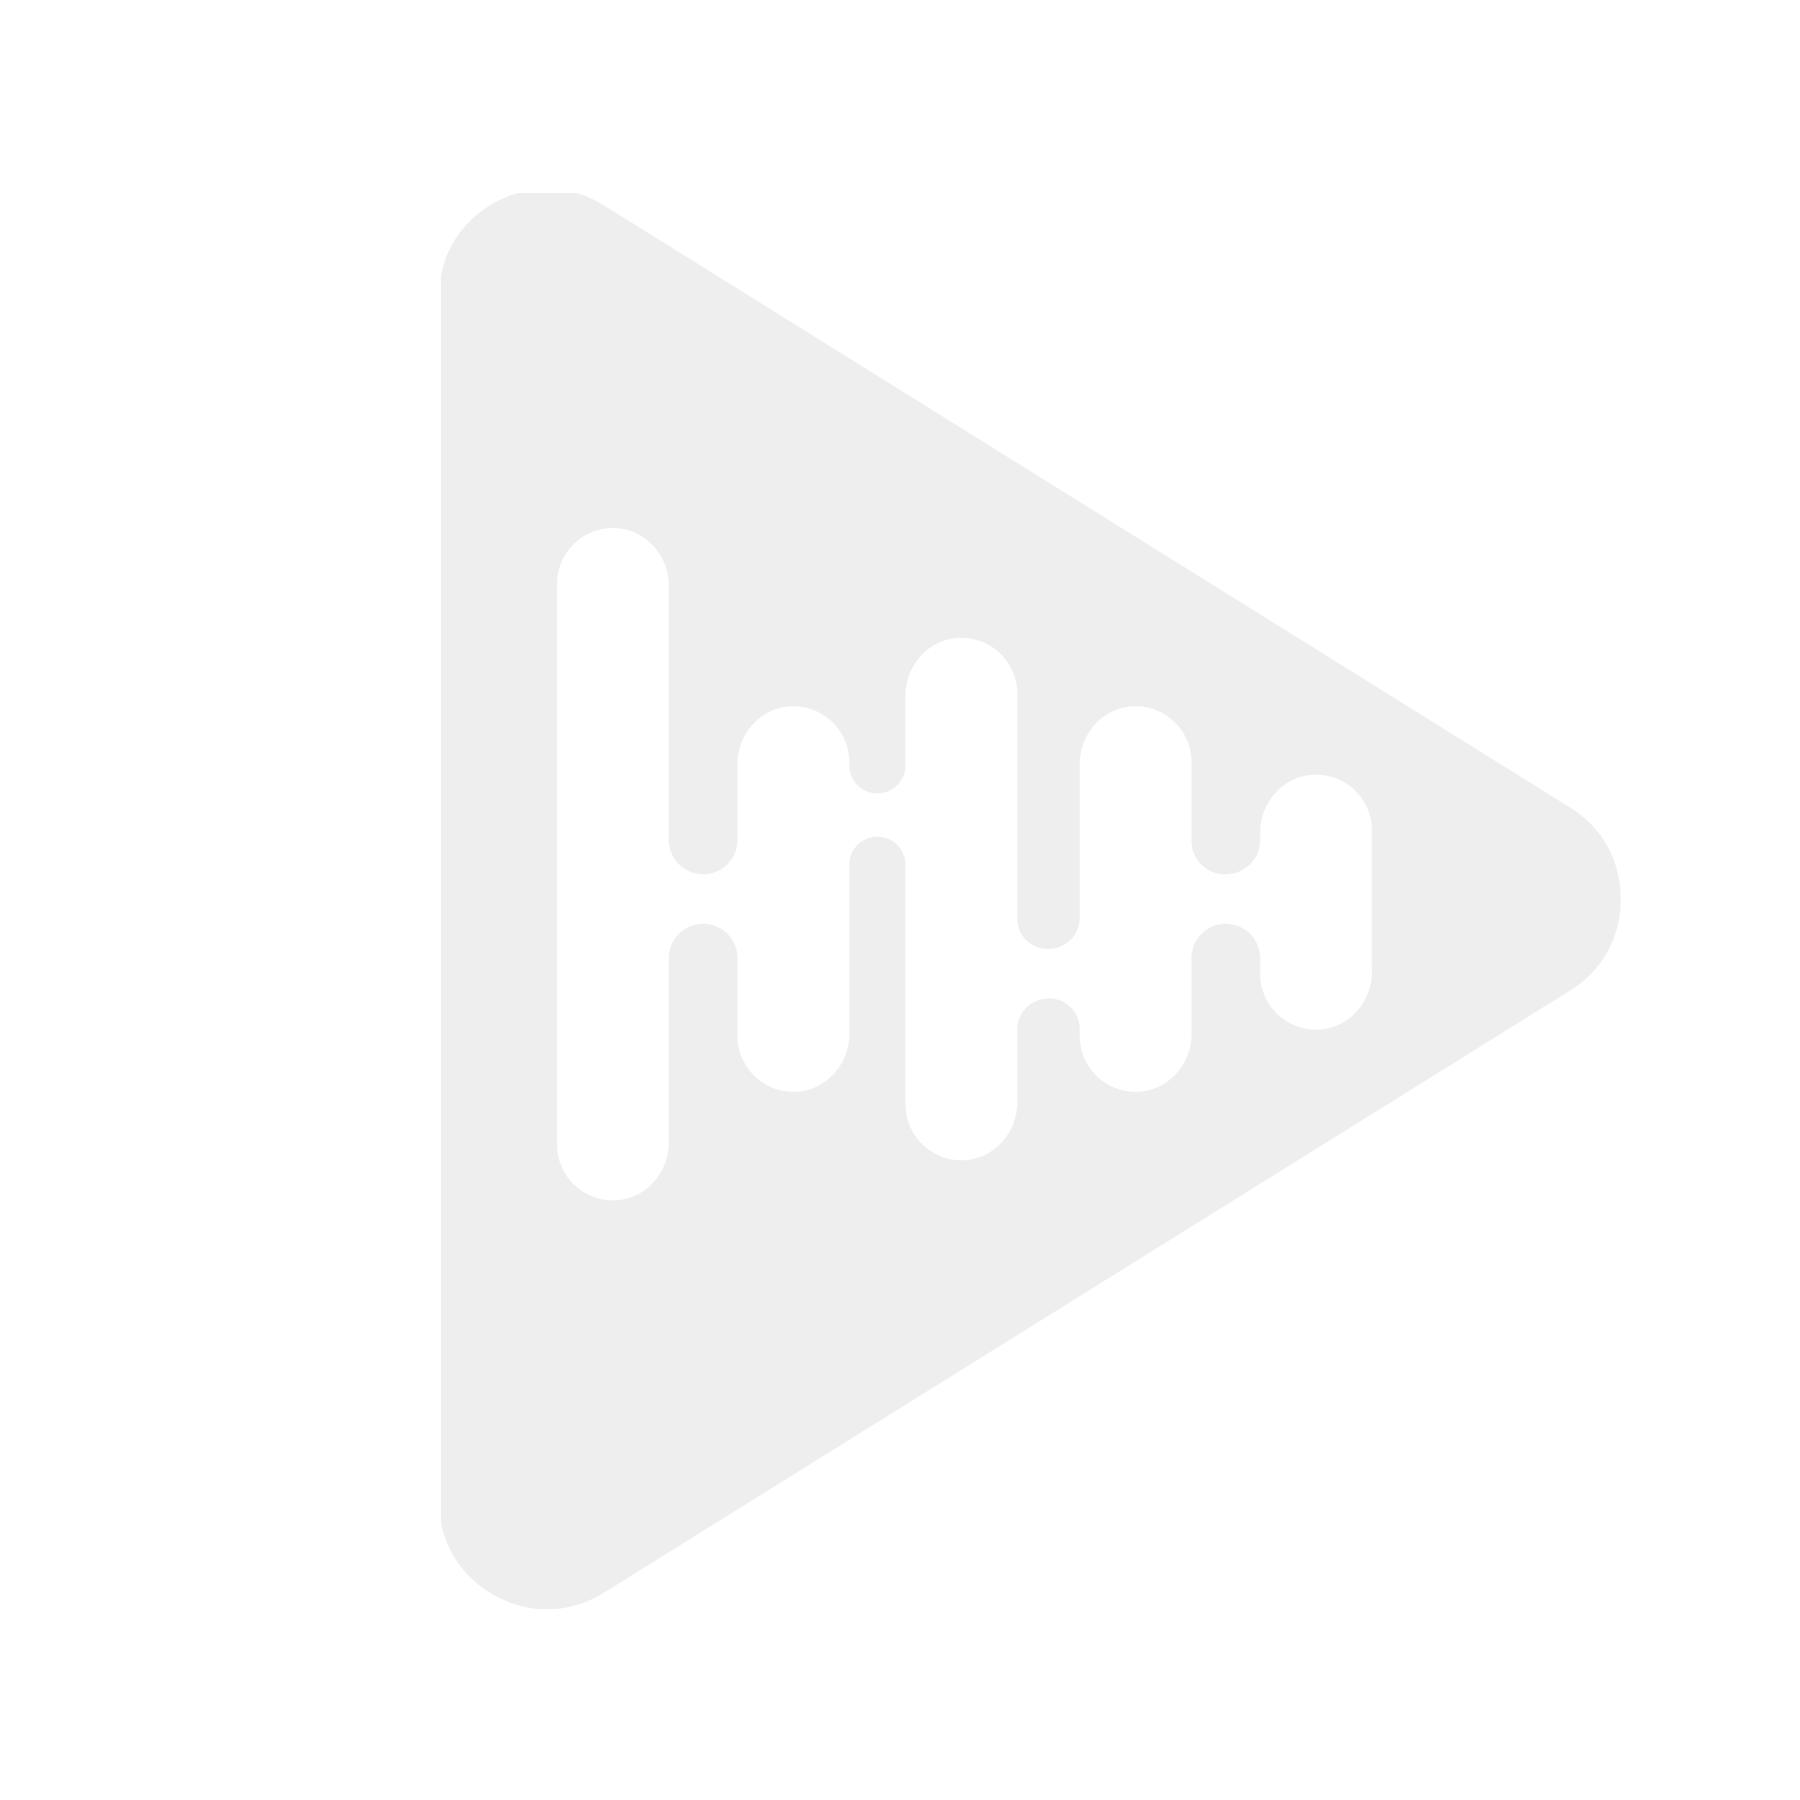 Incartec 50-832-LHD